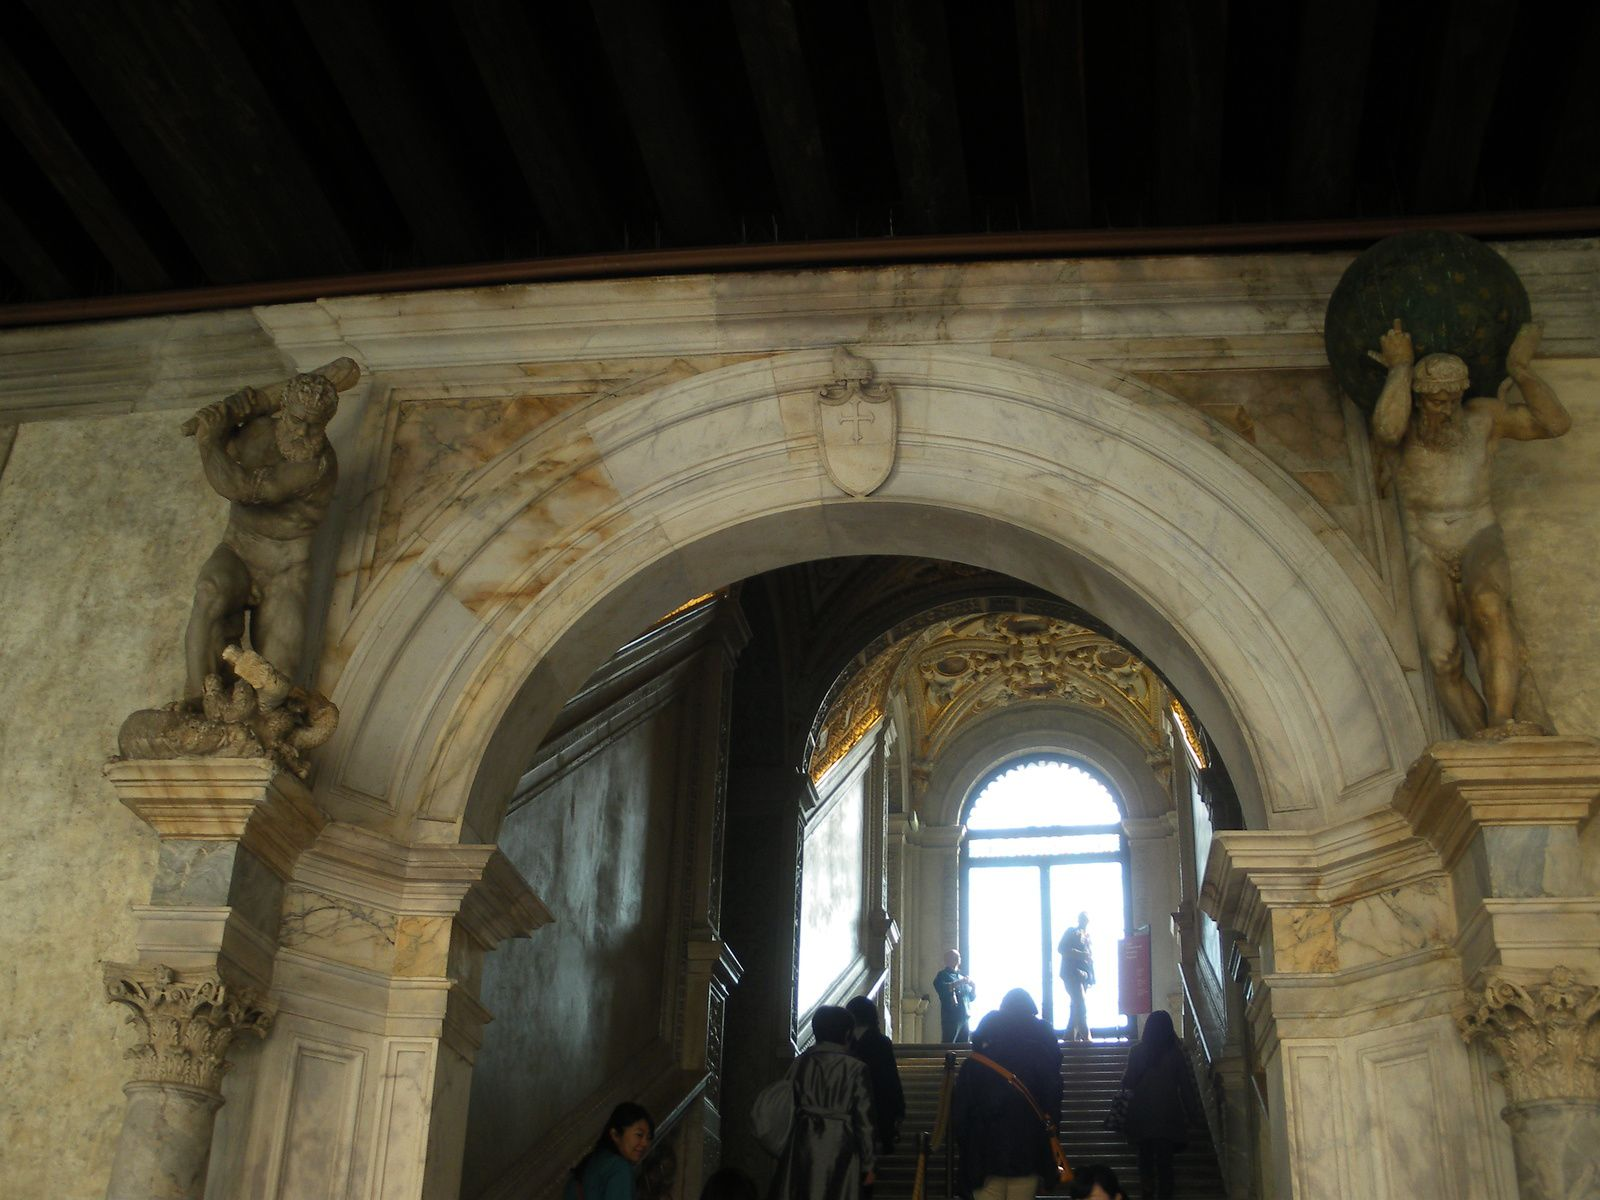 L'escalier d'Or surmonté de 2 groupes en marbre représentant Atlas soulevant la voûte céleste et Hercule terrassant l'hydre.